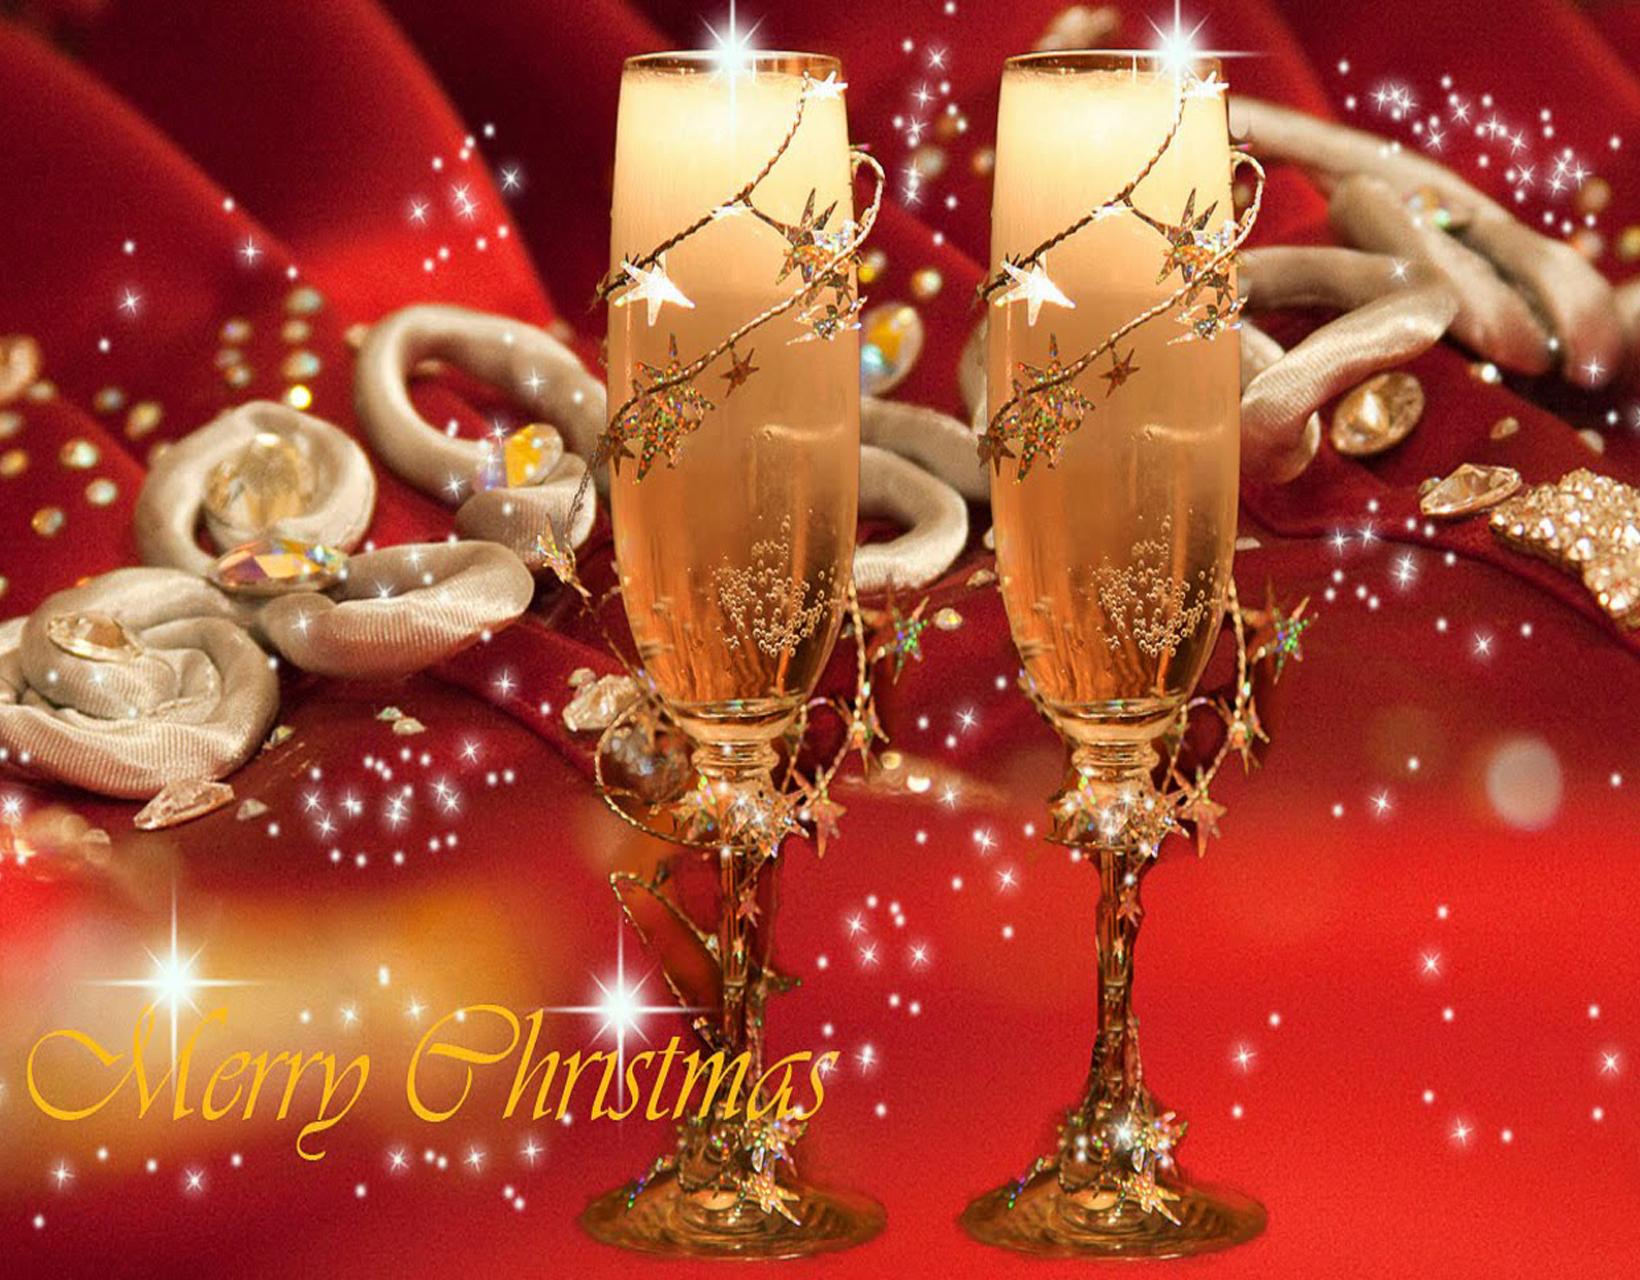 3D Christmas Backgrounds wallpaper 3D Christmas 1640x1280